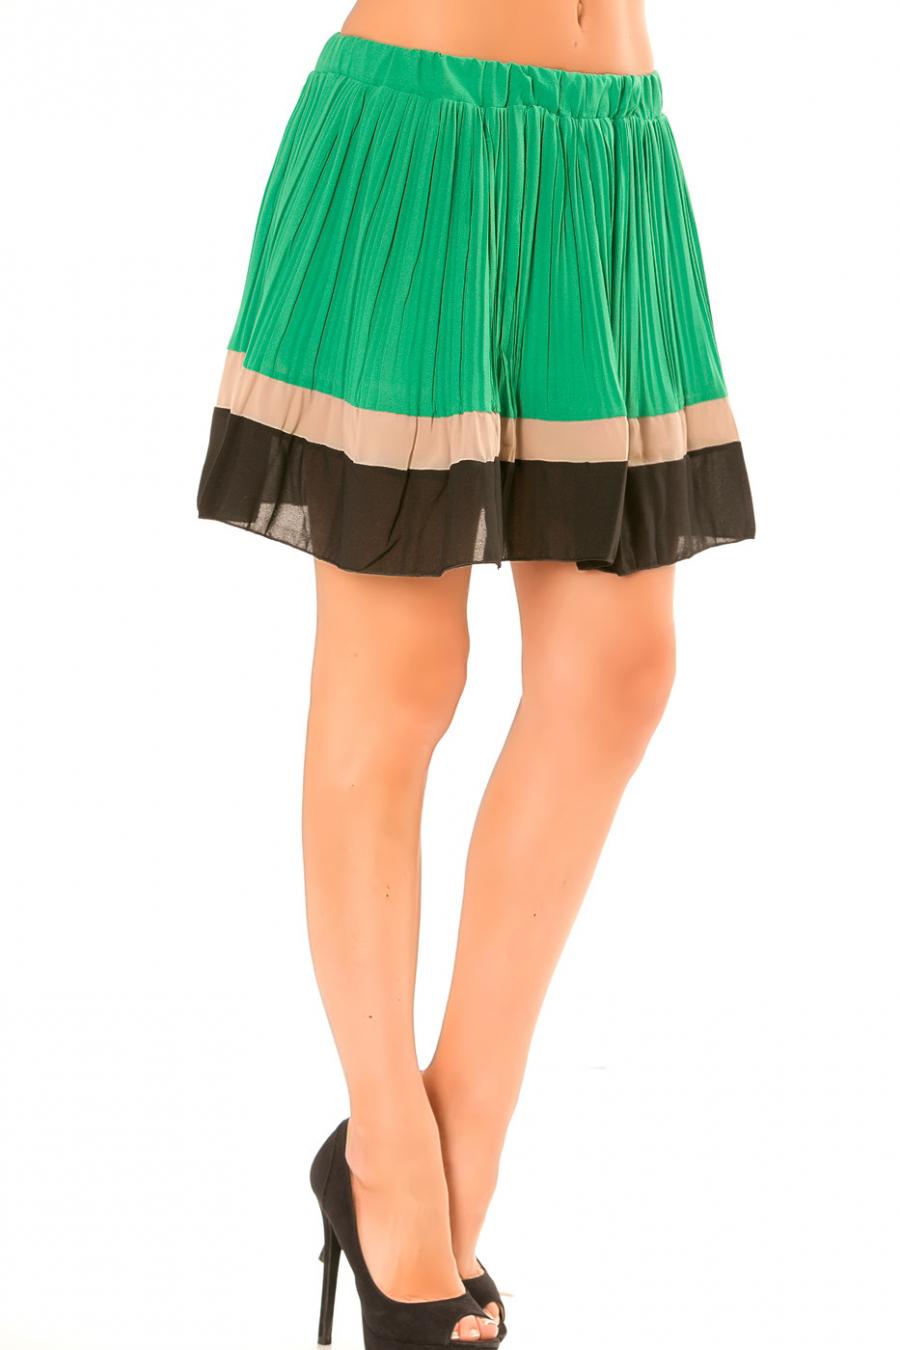 Jupe vert plissé à bordure taupe et noire. 6082